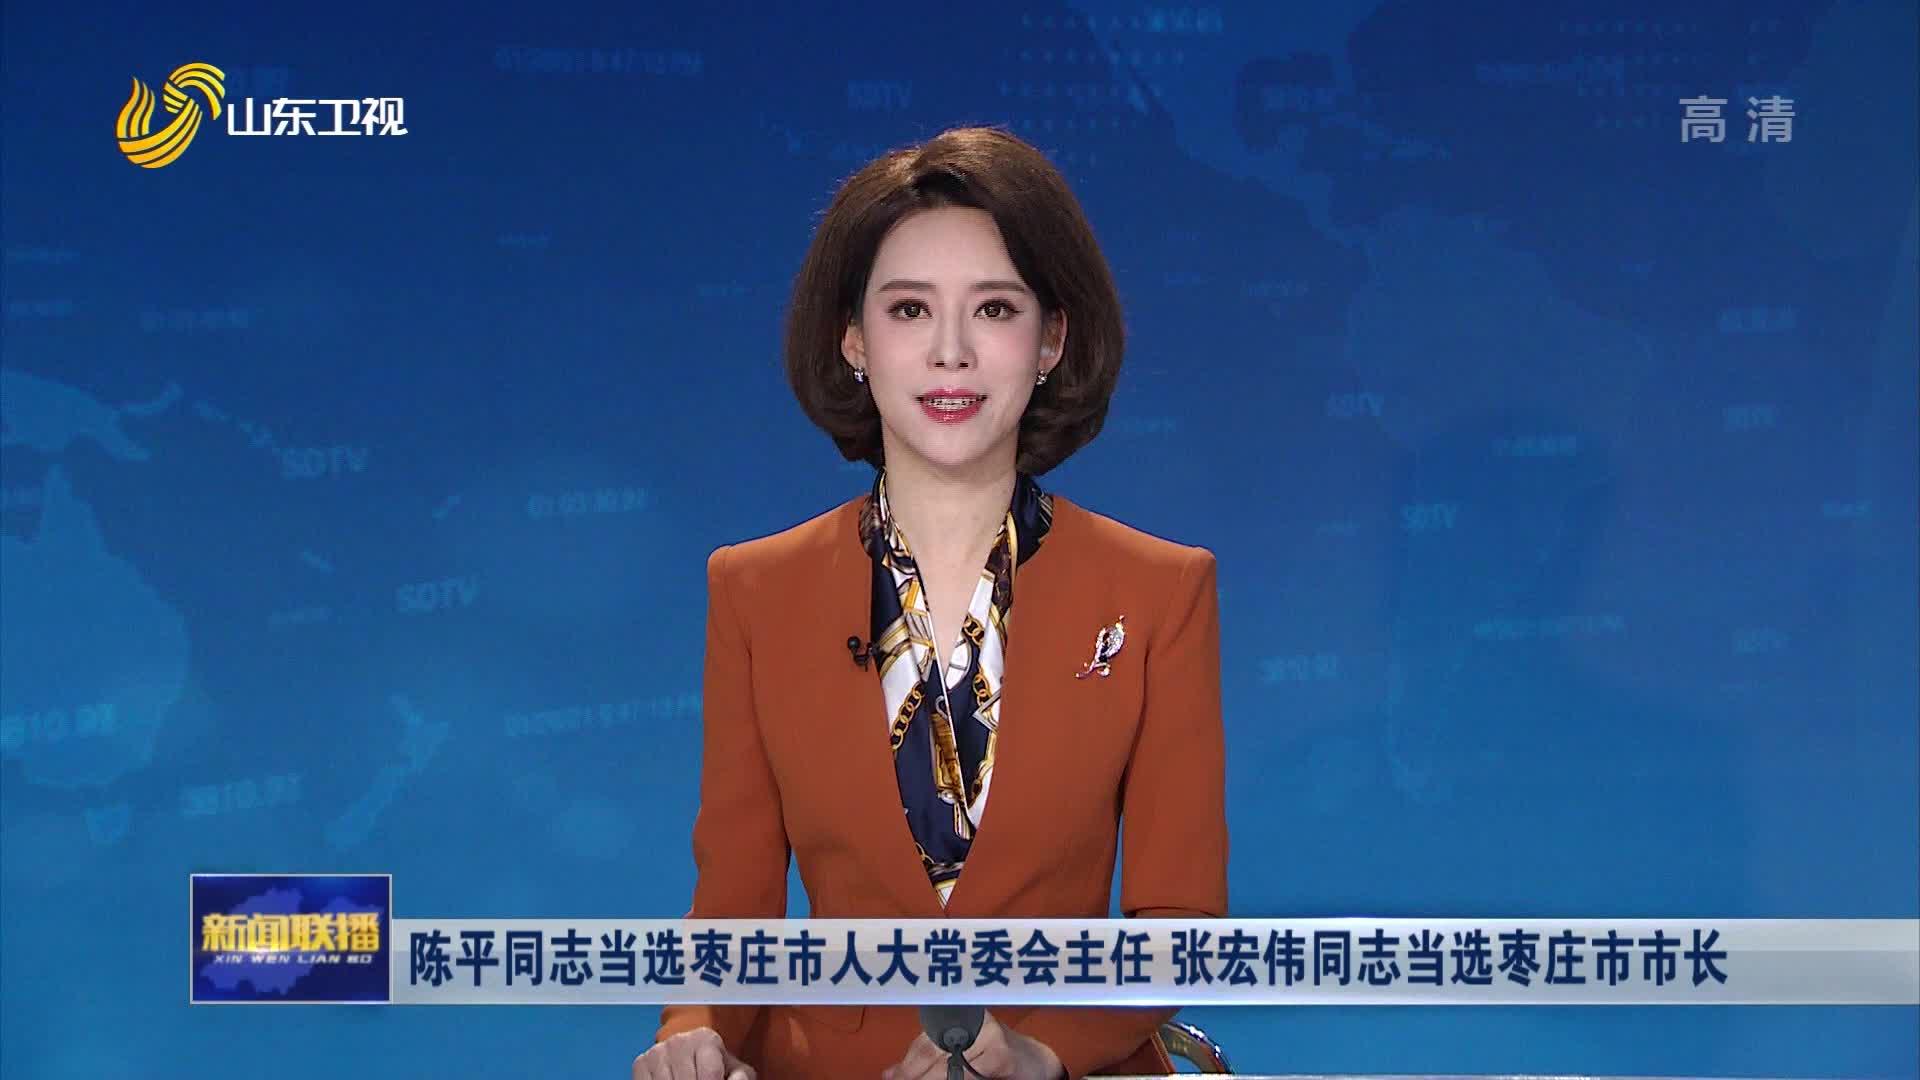 陈平同志当选枣庄市人大常委会主任 张宏伟同志当选枣庄市市长